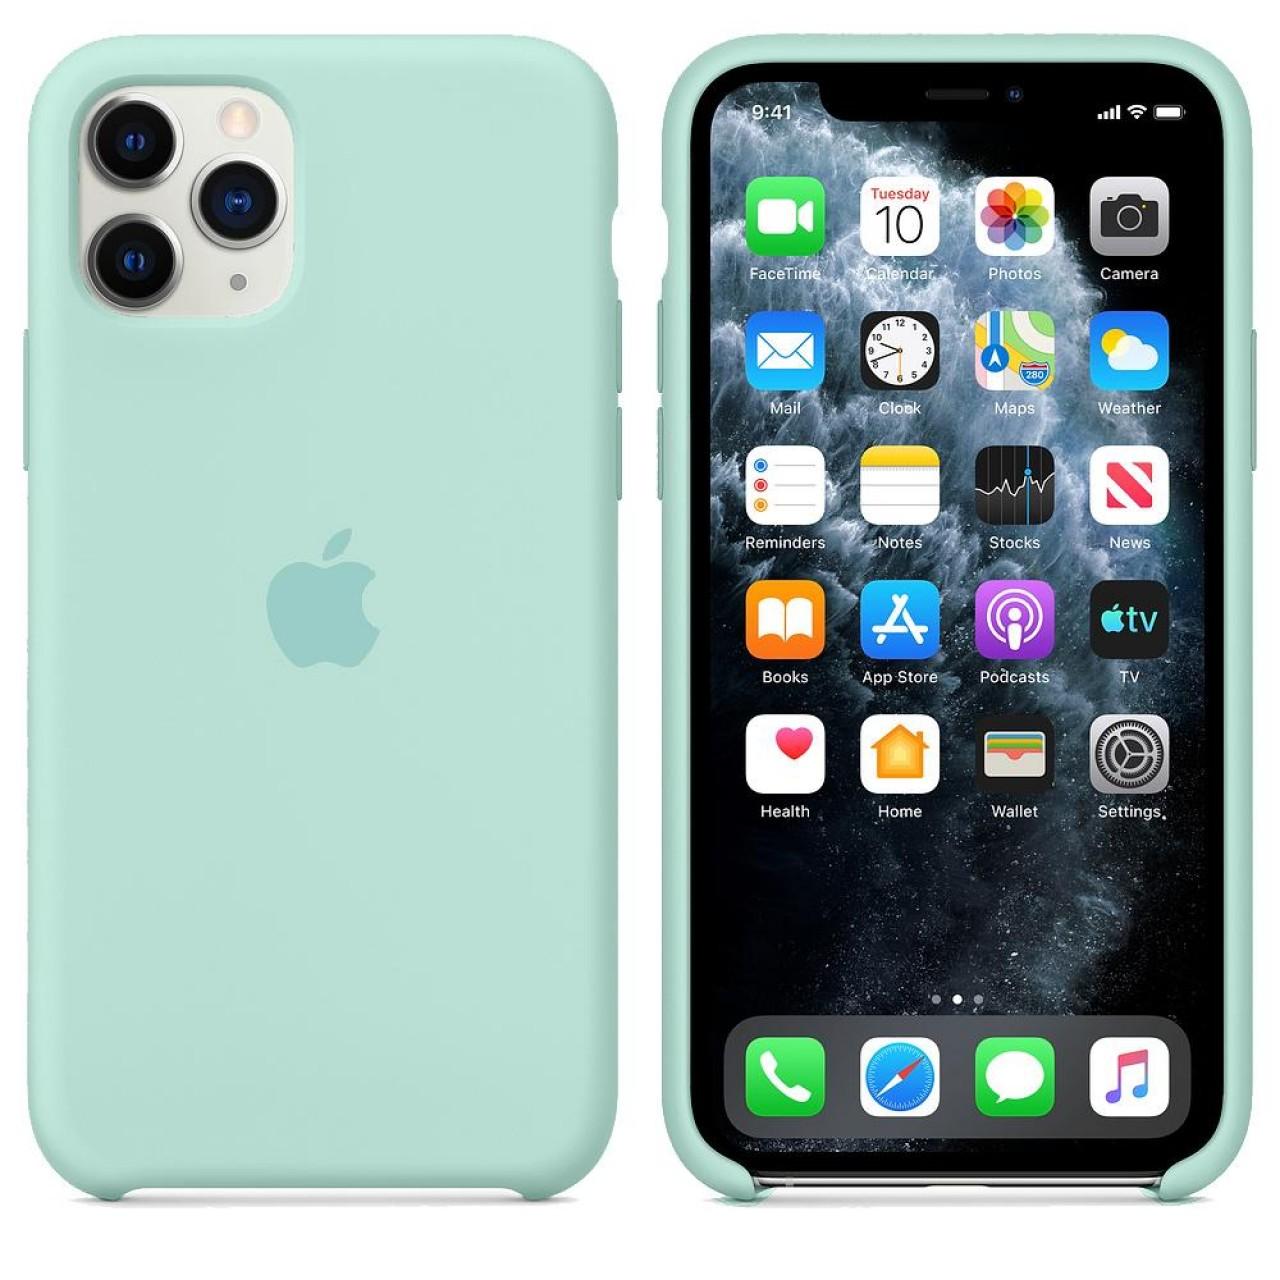 ΘΗΚΗ ΠΡΟΣΤΑΣΙΑΣ ΣΙΛΙΚΟΝΗΣ ΓΙΑ iPhone 11 PRO MAX ΠΡΑΣΙΝΗ - BACK COVER SILICON CASE GREEN MARINE - OEM